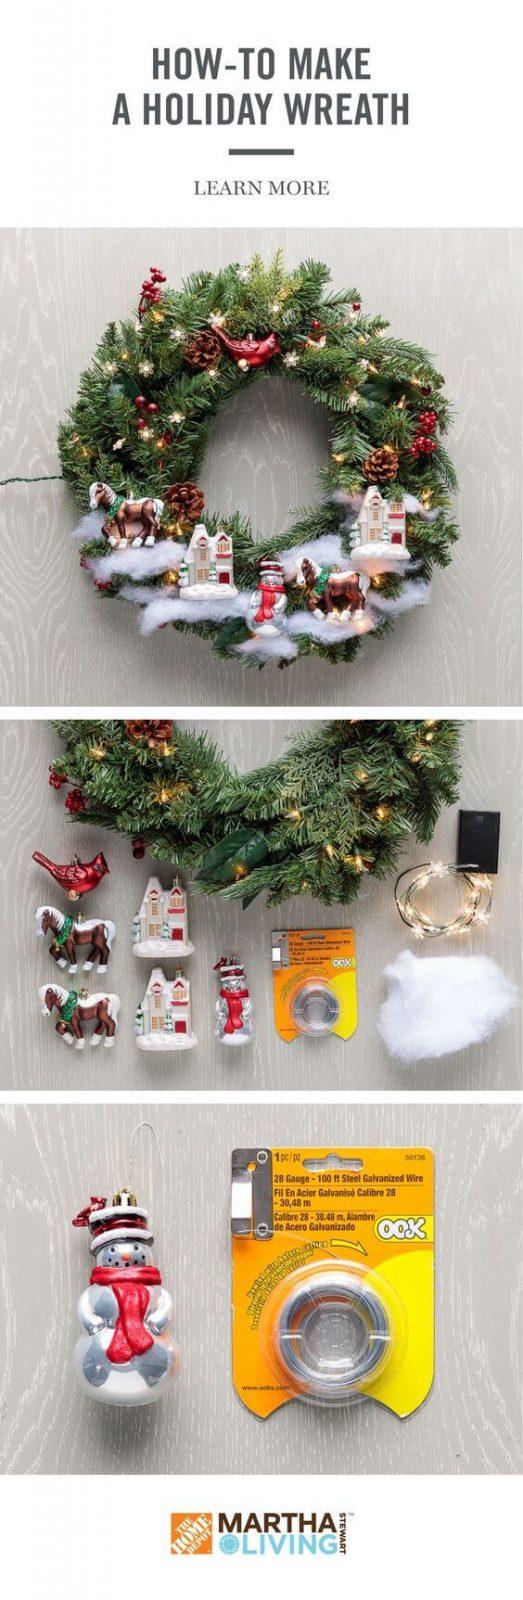 Weihnachtskranz basteln - 20 Ideen - Weihnachten 2017 - basteln für Weihnachten - DIY Dekoideen Weihnachten - Türkranz selber basteln - DIY Weihnachtsdeko - DIY Bastelideen Weihnachten